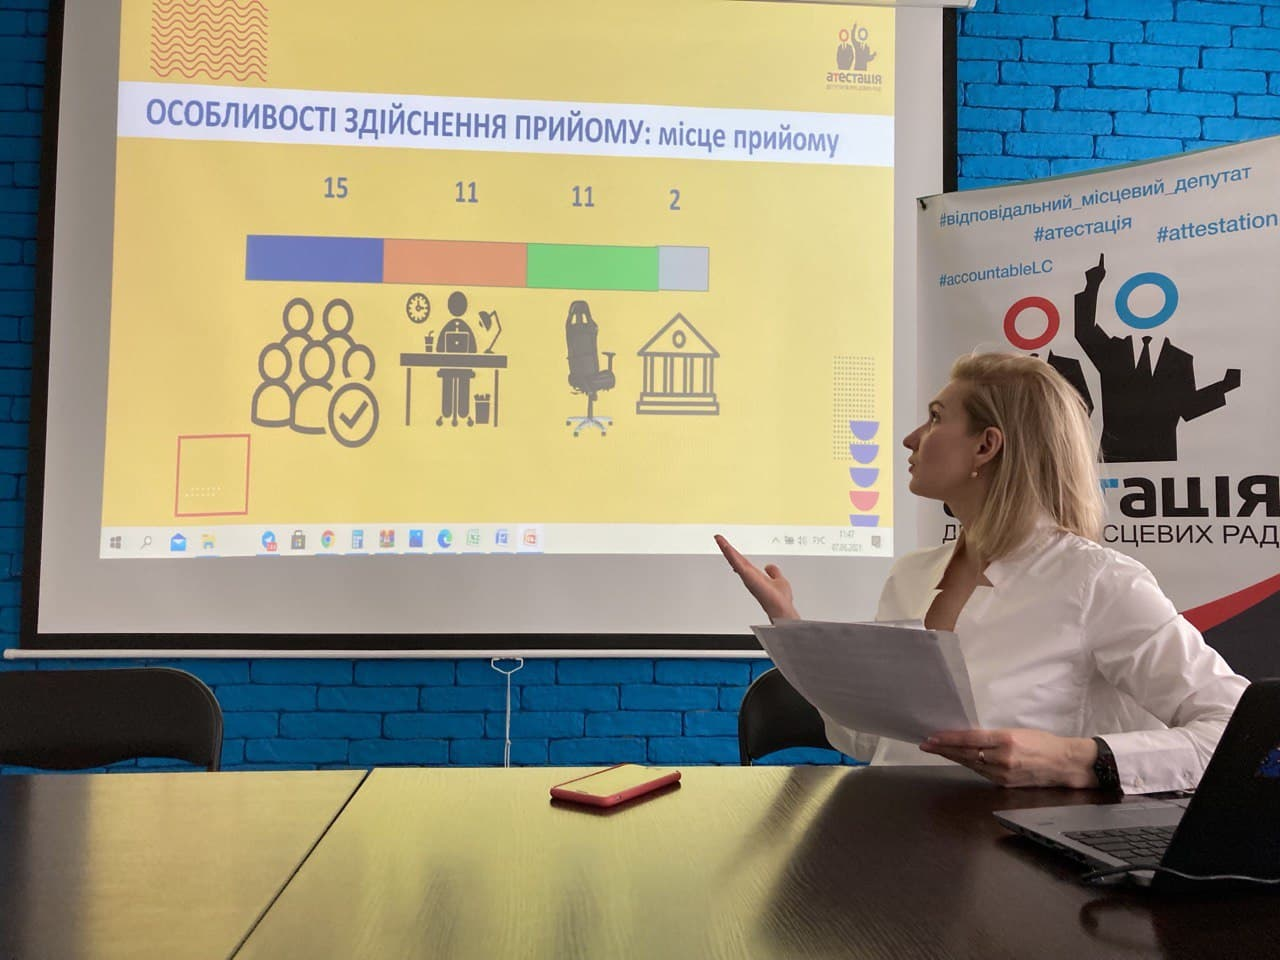 Прийом виборців депутатами Рівнеради: як інформують, де проводять і чи дотримуються графіку , фото-2